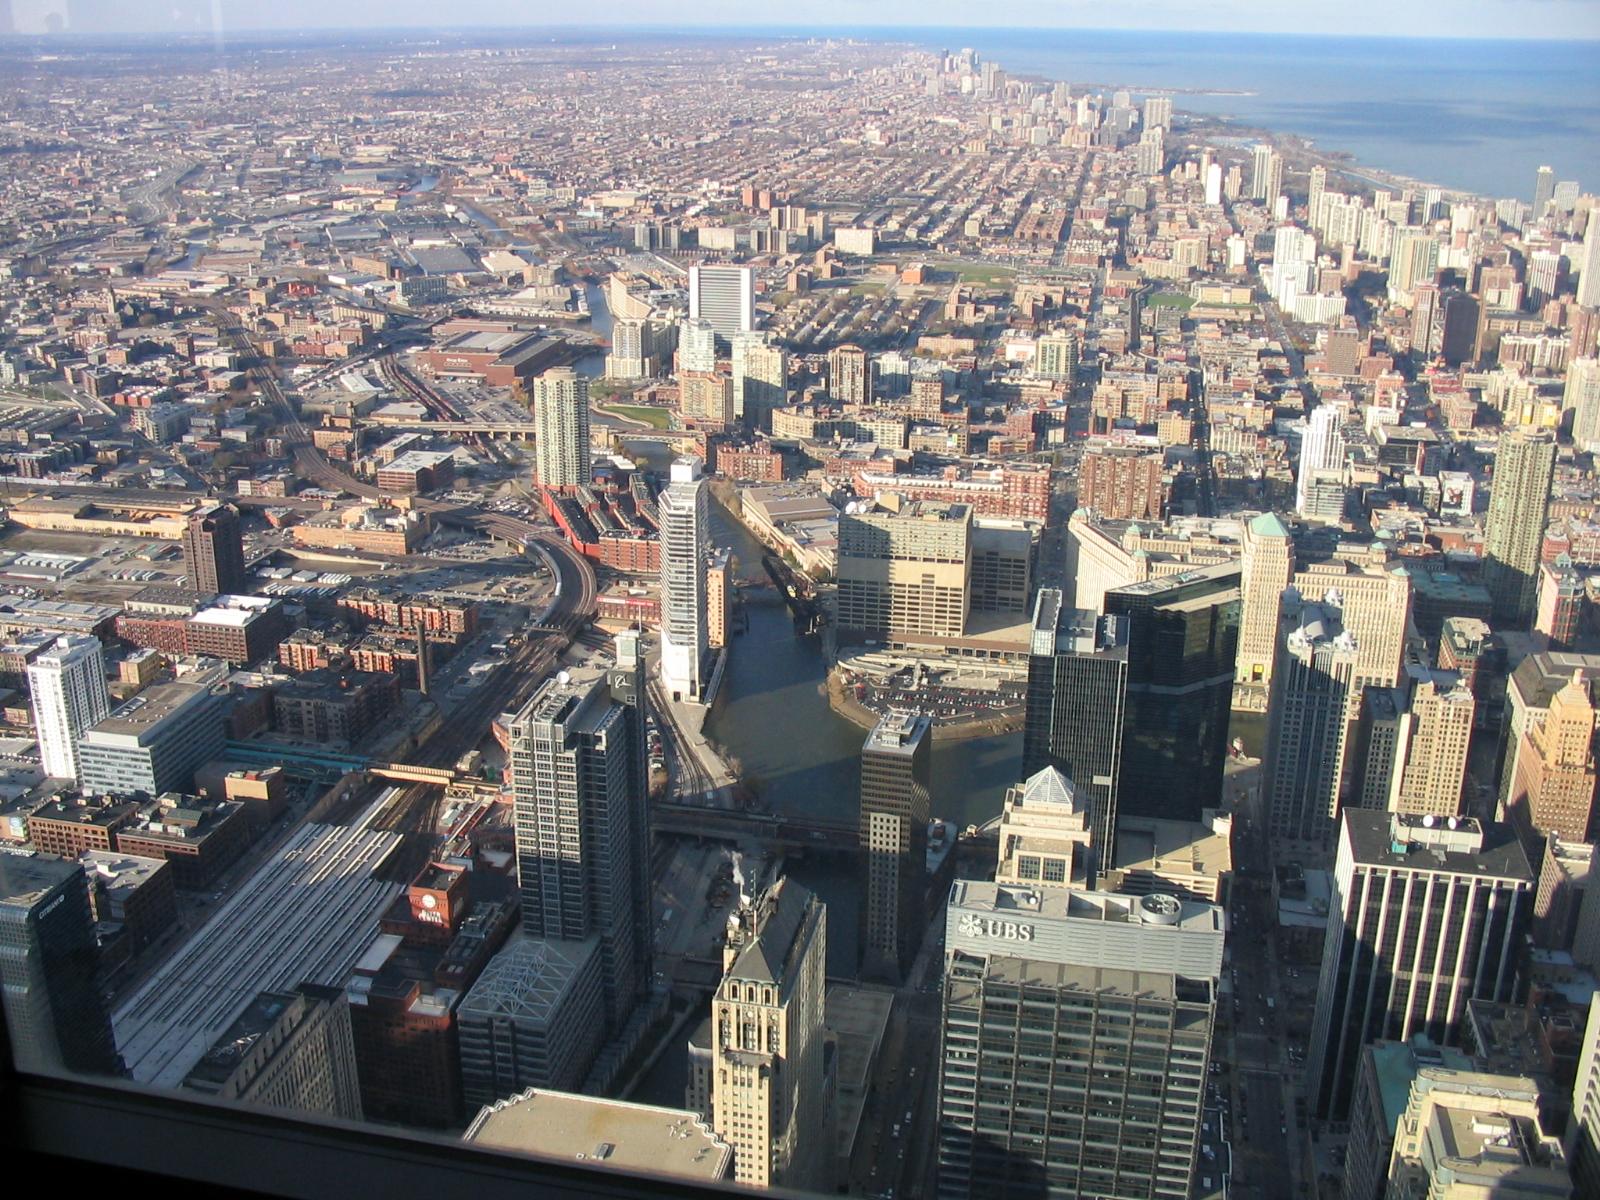 Downtown_Chicago_Illinois_Nov05_img_2670